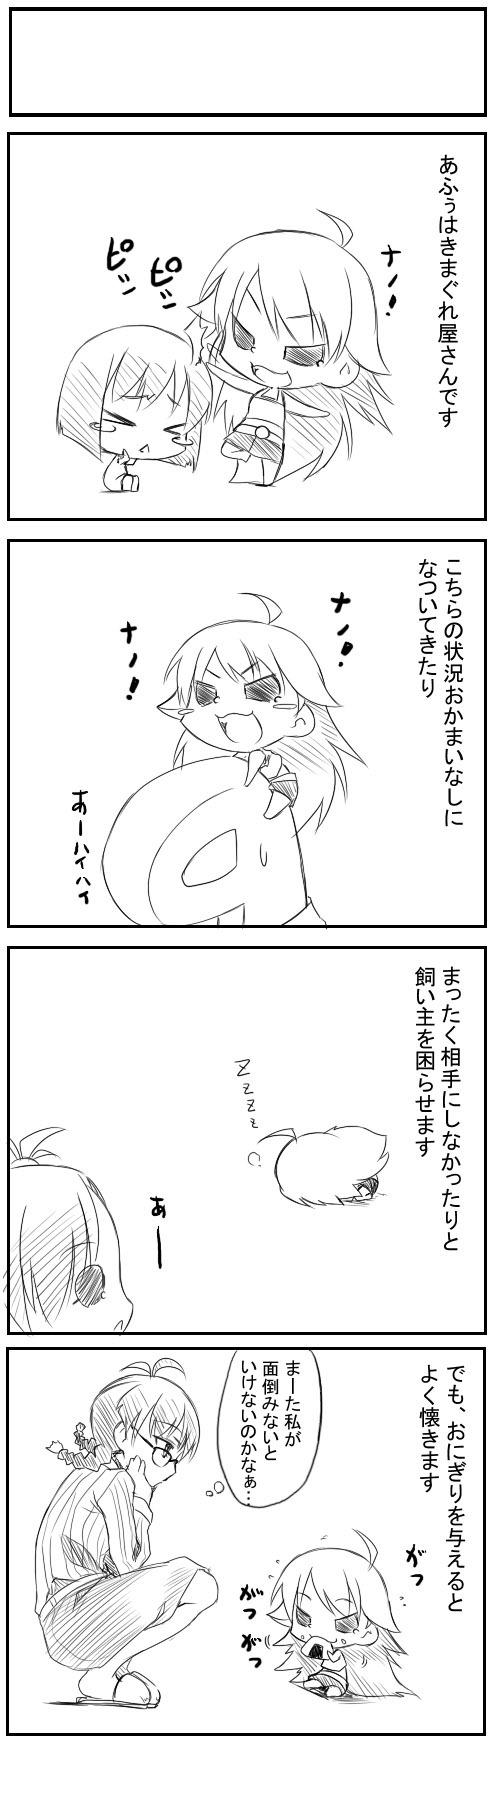 idol_13.jpg